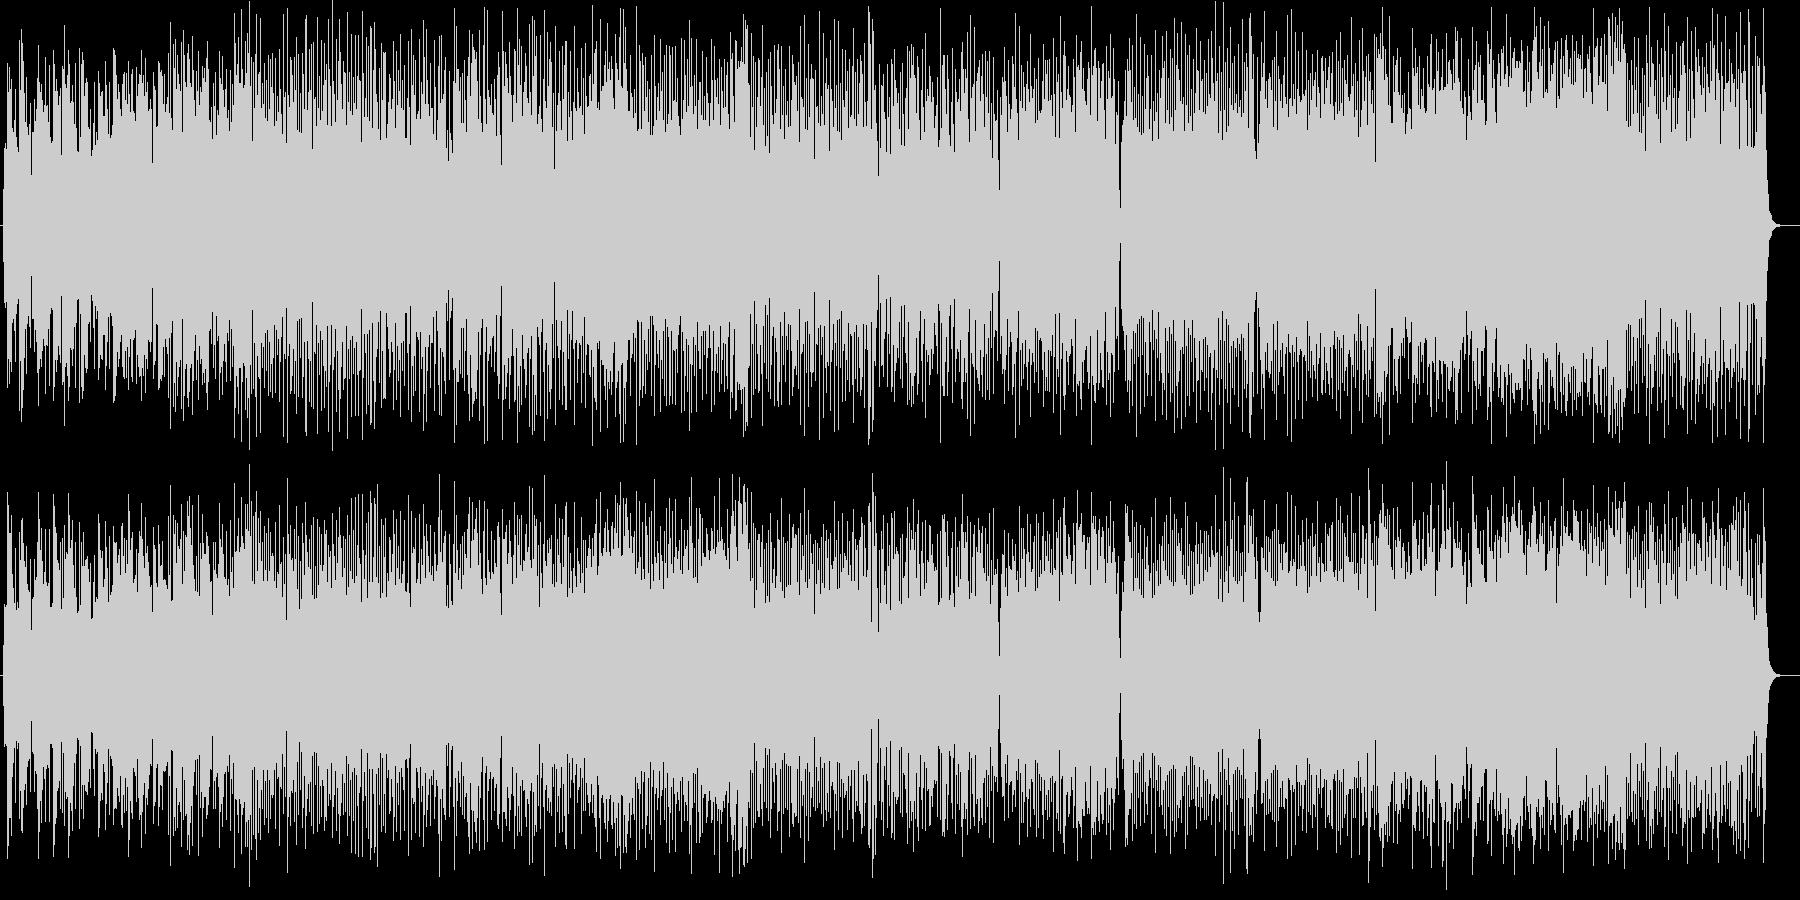 爽快で勢いのあるシンセピアノサウンドの未再生の波形